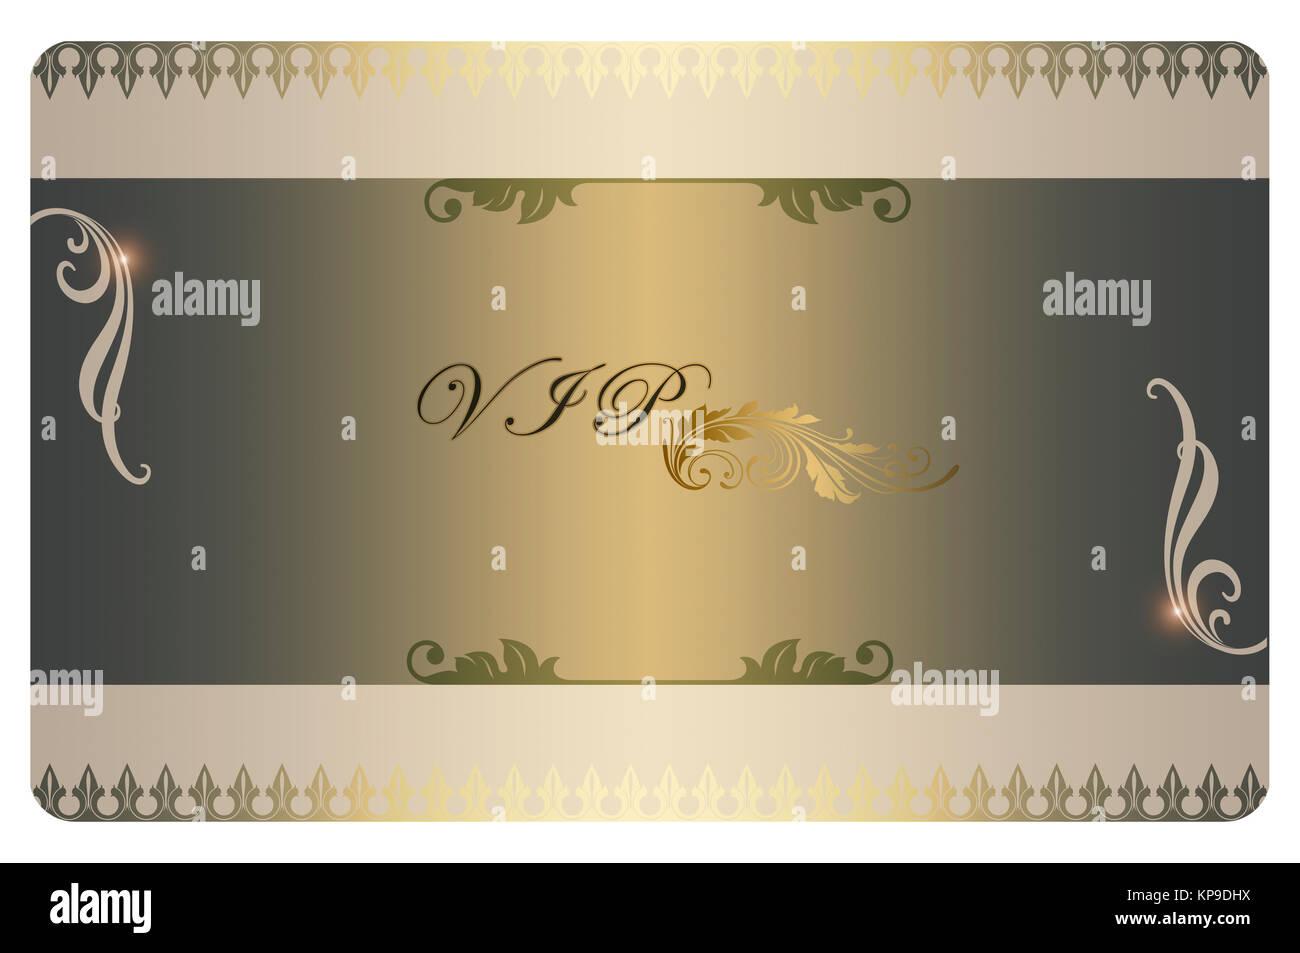 Modele Avec Des Motifs Decoratifs Pour La Conception De Carte Visite Fond Daffaires VIP